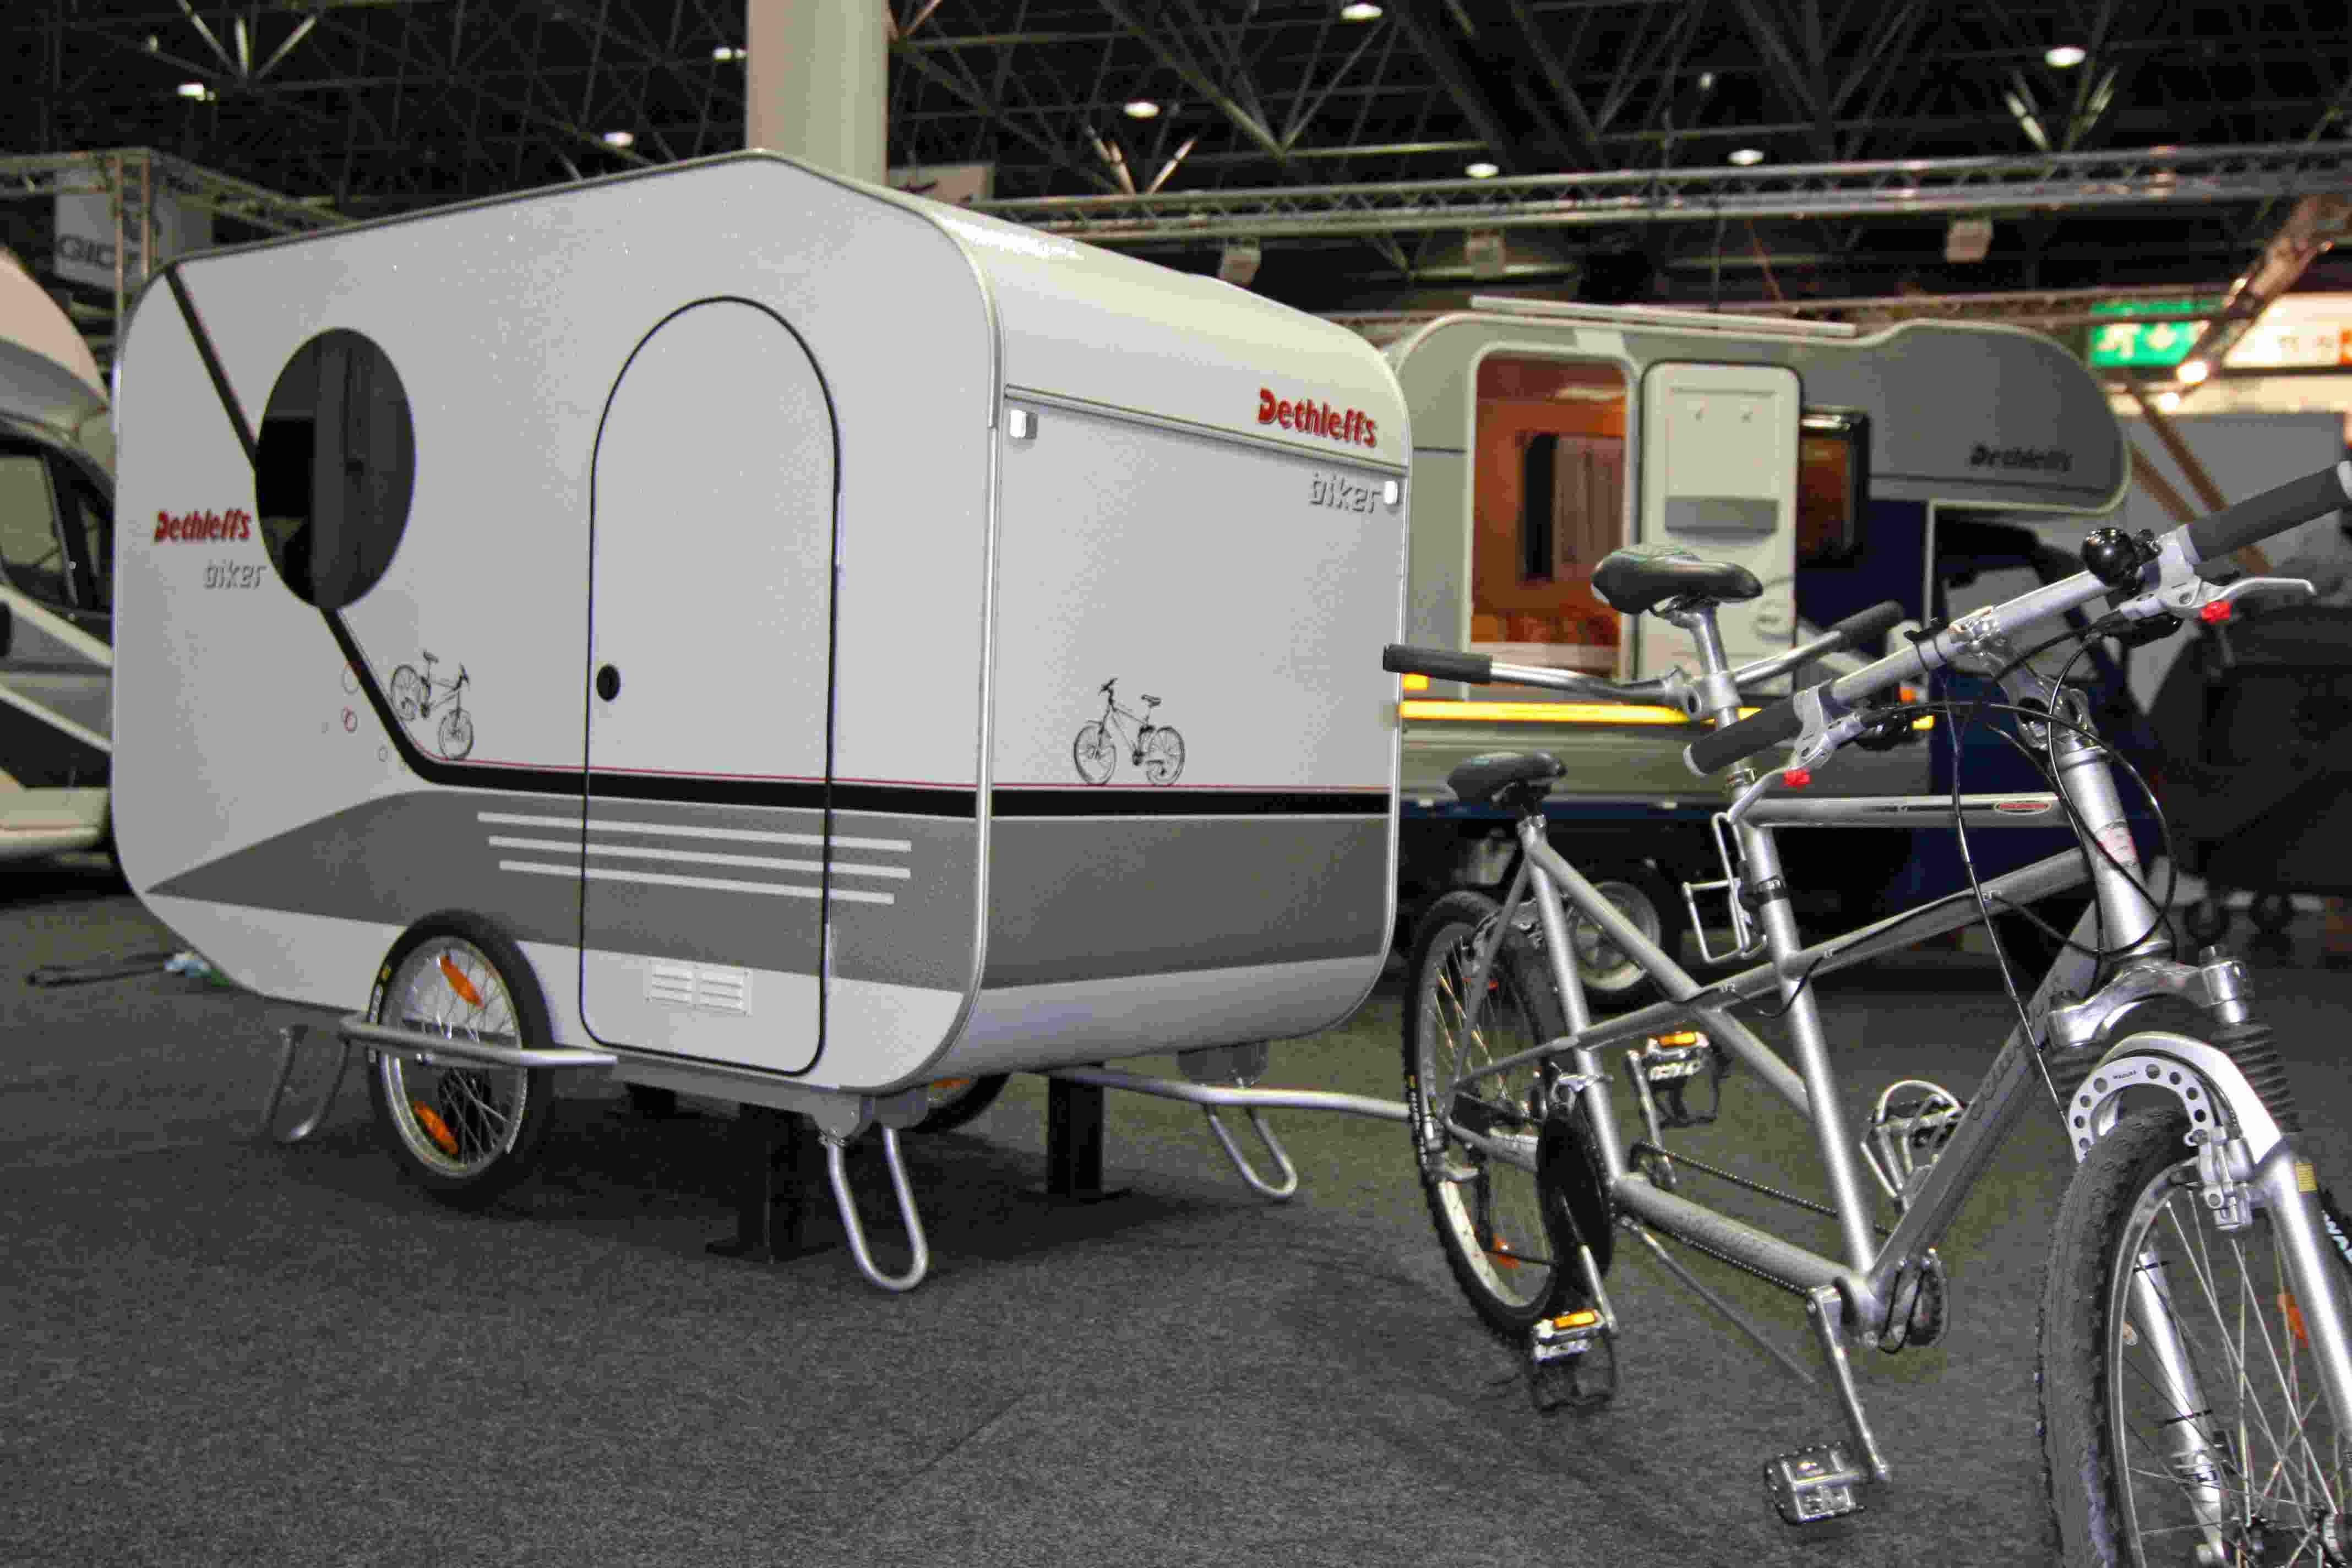 Endlich Ein Wohnwagen Fur Biker Fahrradtest De Das Online Fahrradmagazin Fahrrad Wohnwagen Wohnwagen Fahrrad Lastenanhanger